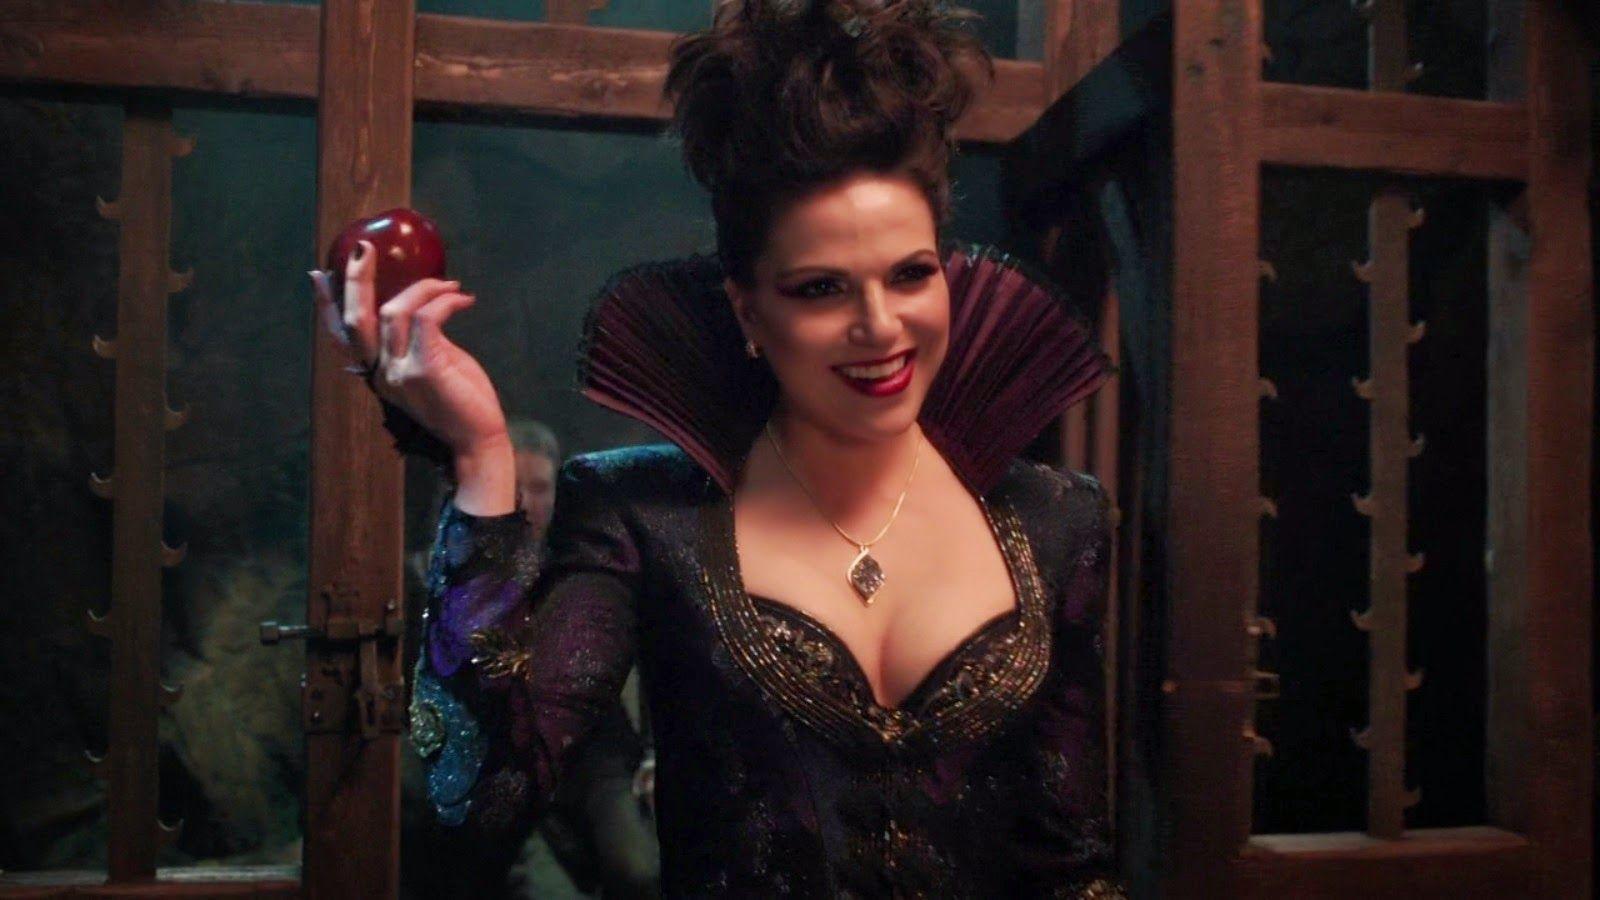 ¿Por qué la Reina Malvada odia a Blancanieves?